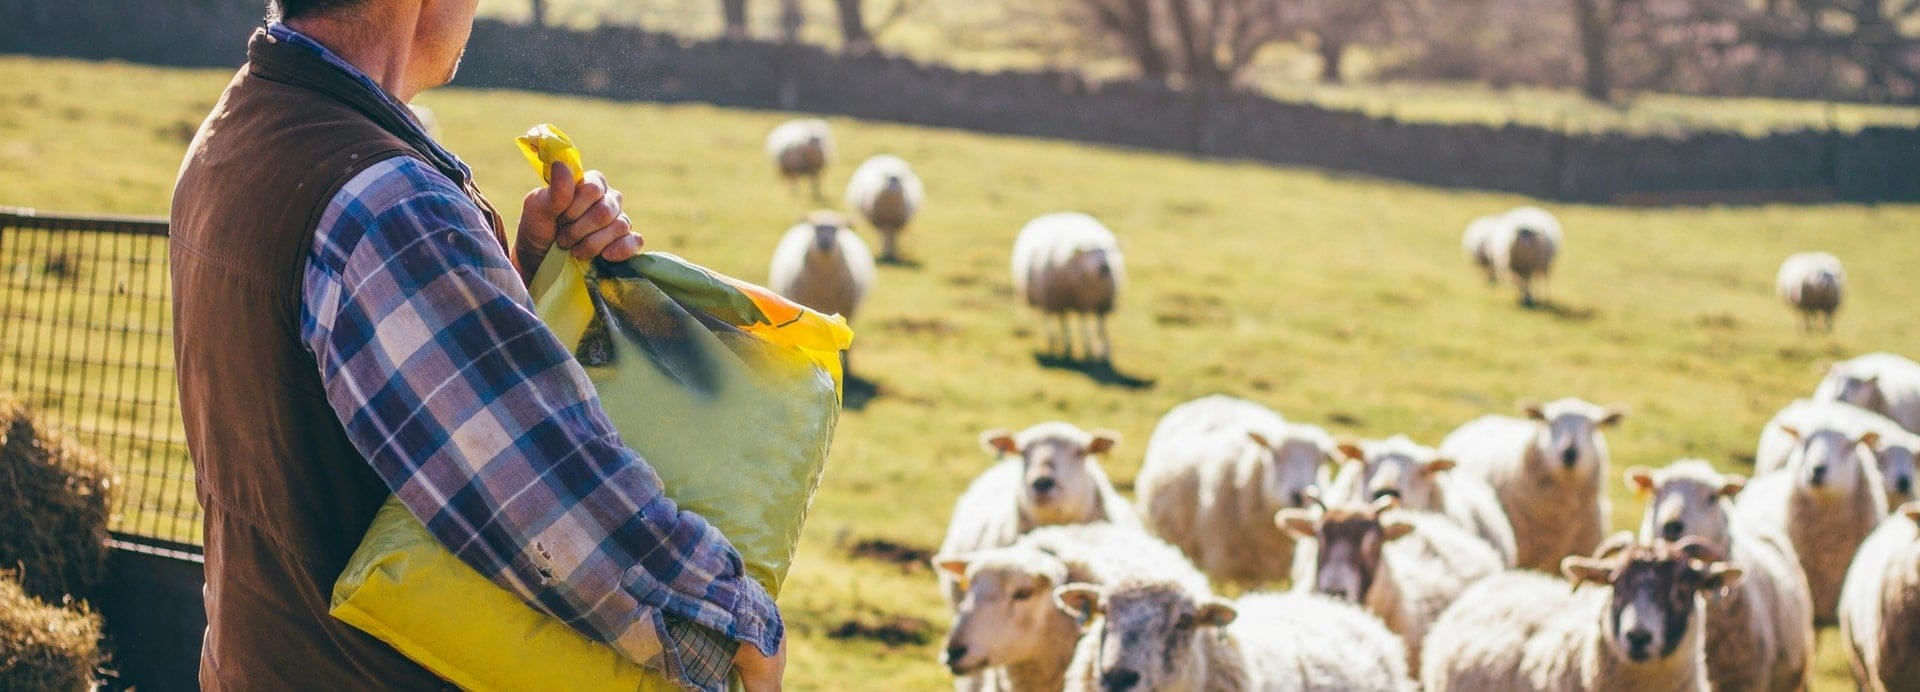 We All Need a Shepherd